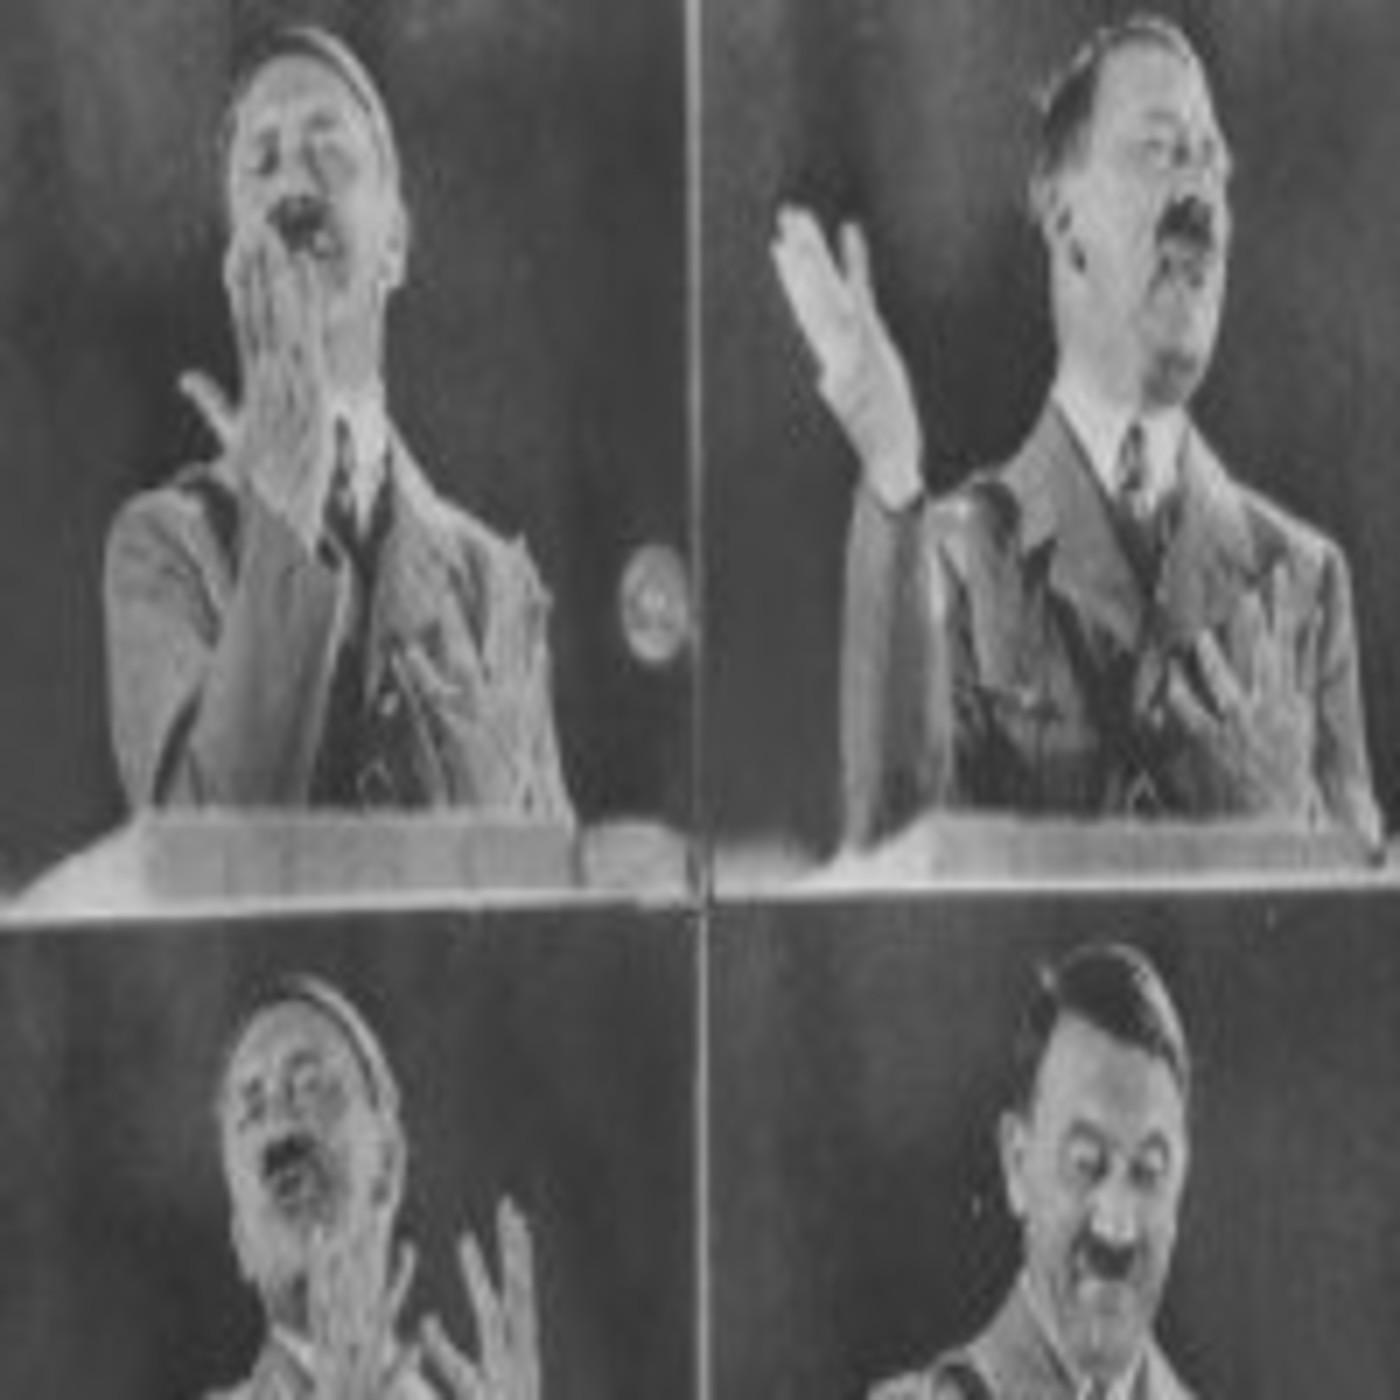 Las adicciones de Hitler